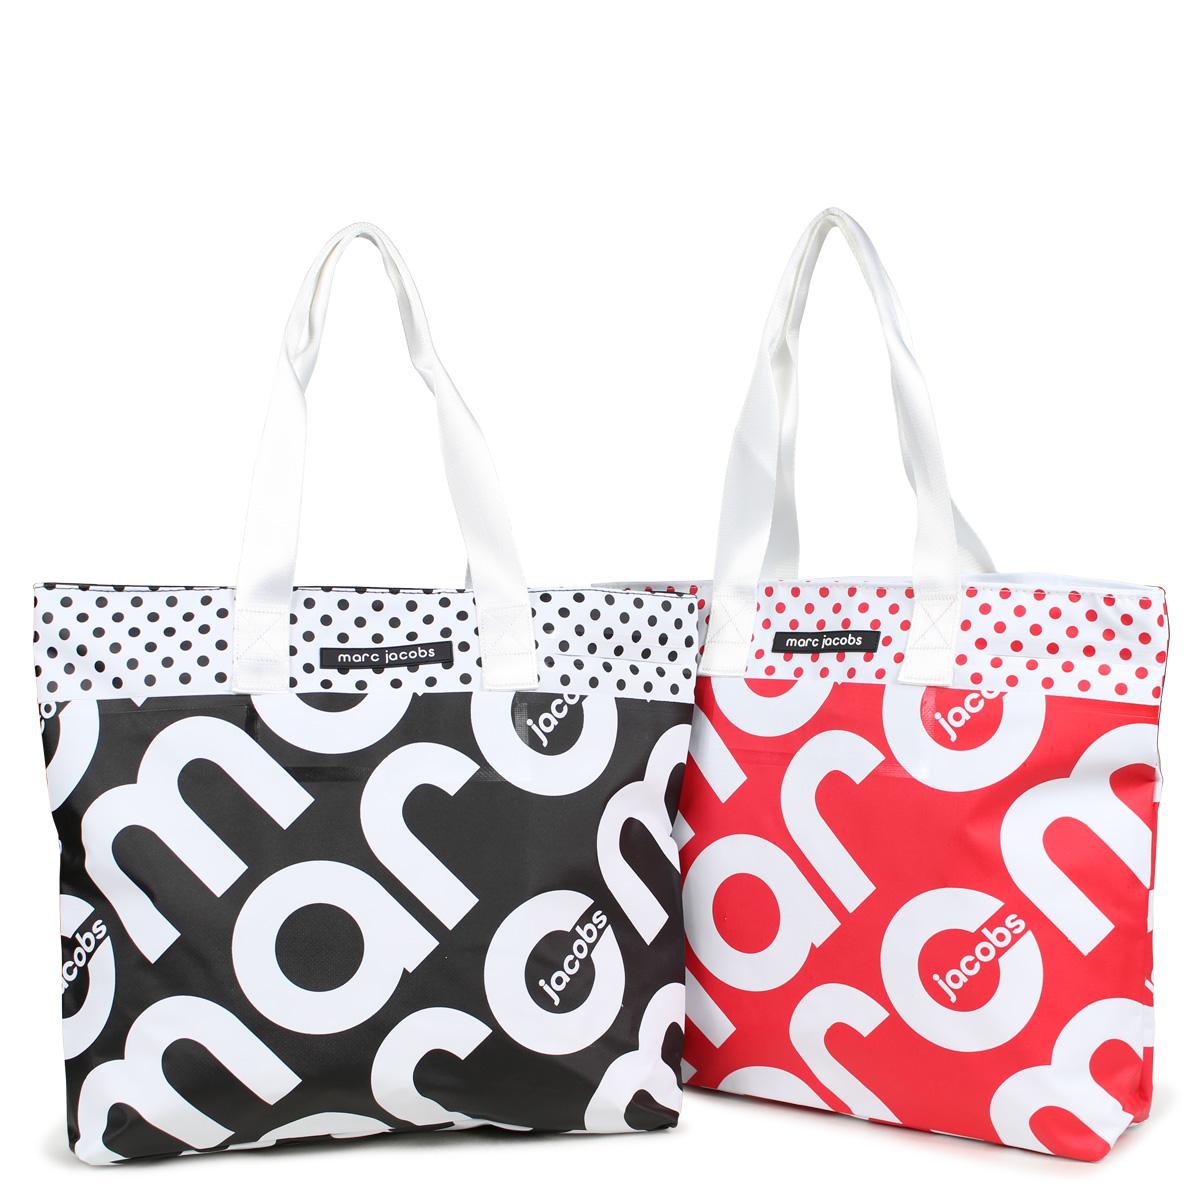 d4873714dee1 MARC JACOBS PRINTED TARPAULIN TOTE mark Jacobs tote bag bag lady men black  red M7000311  186